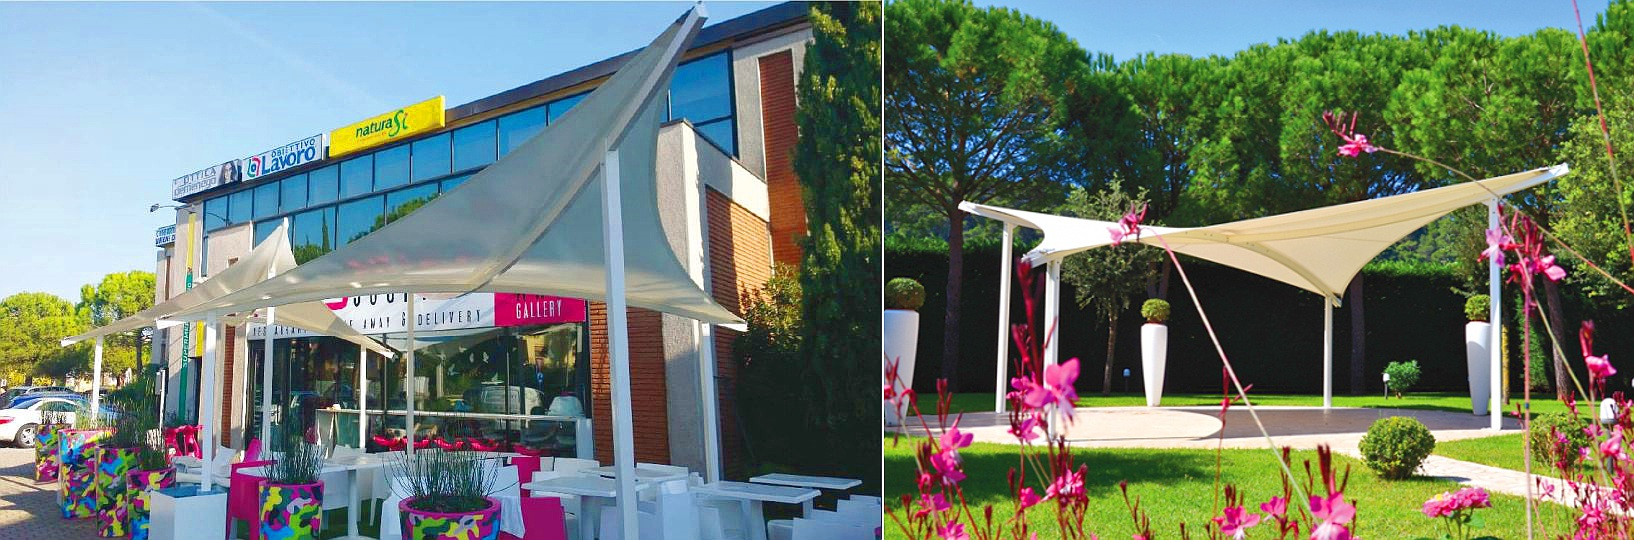 pavillon segel Sonnensegel